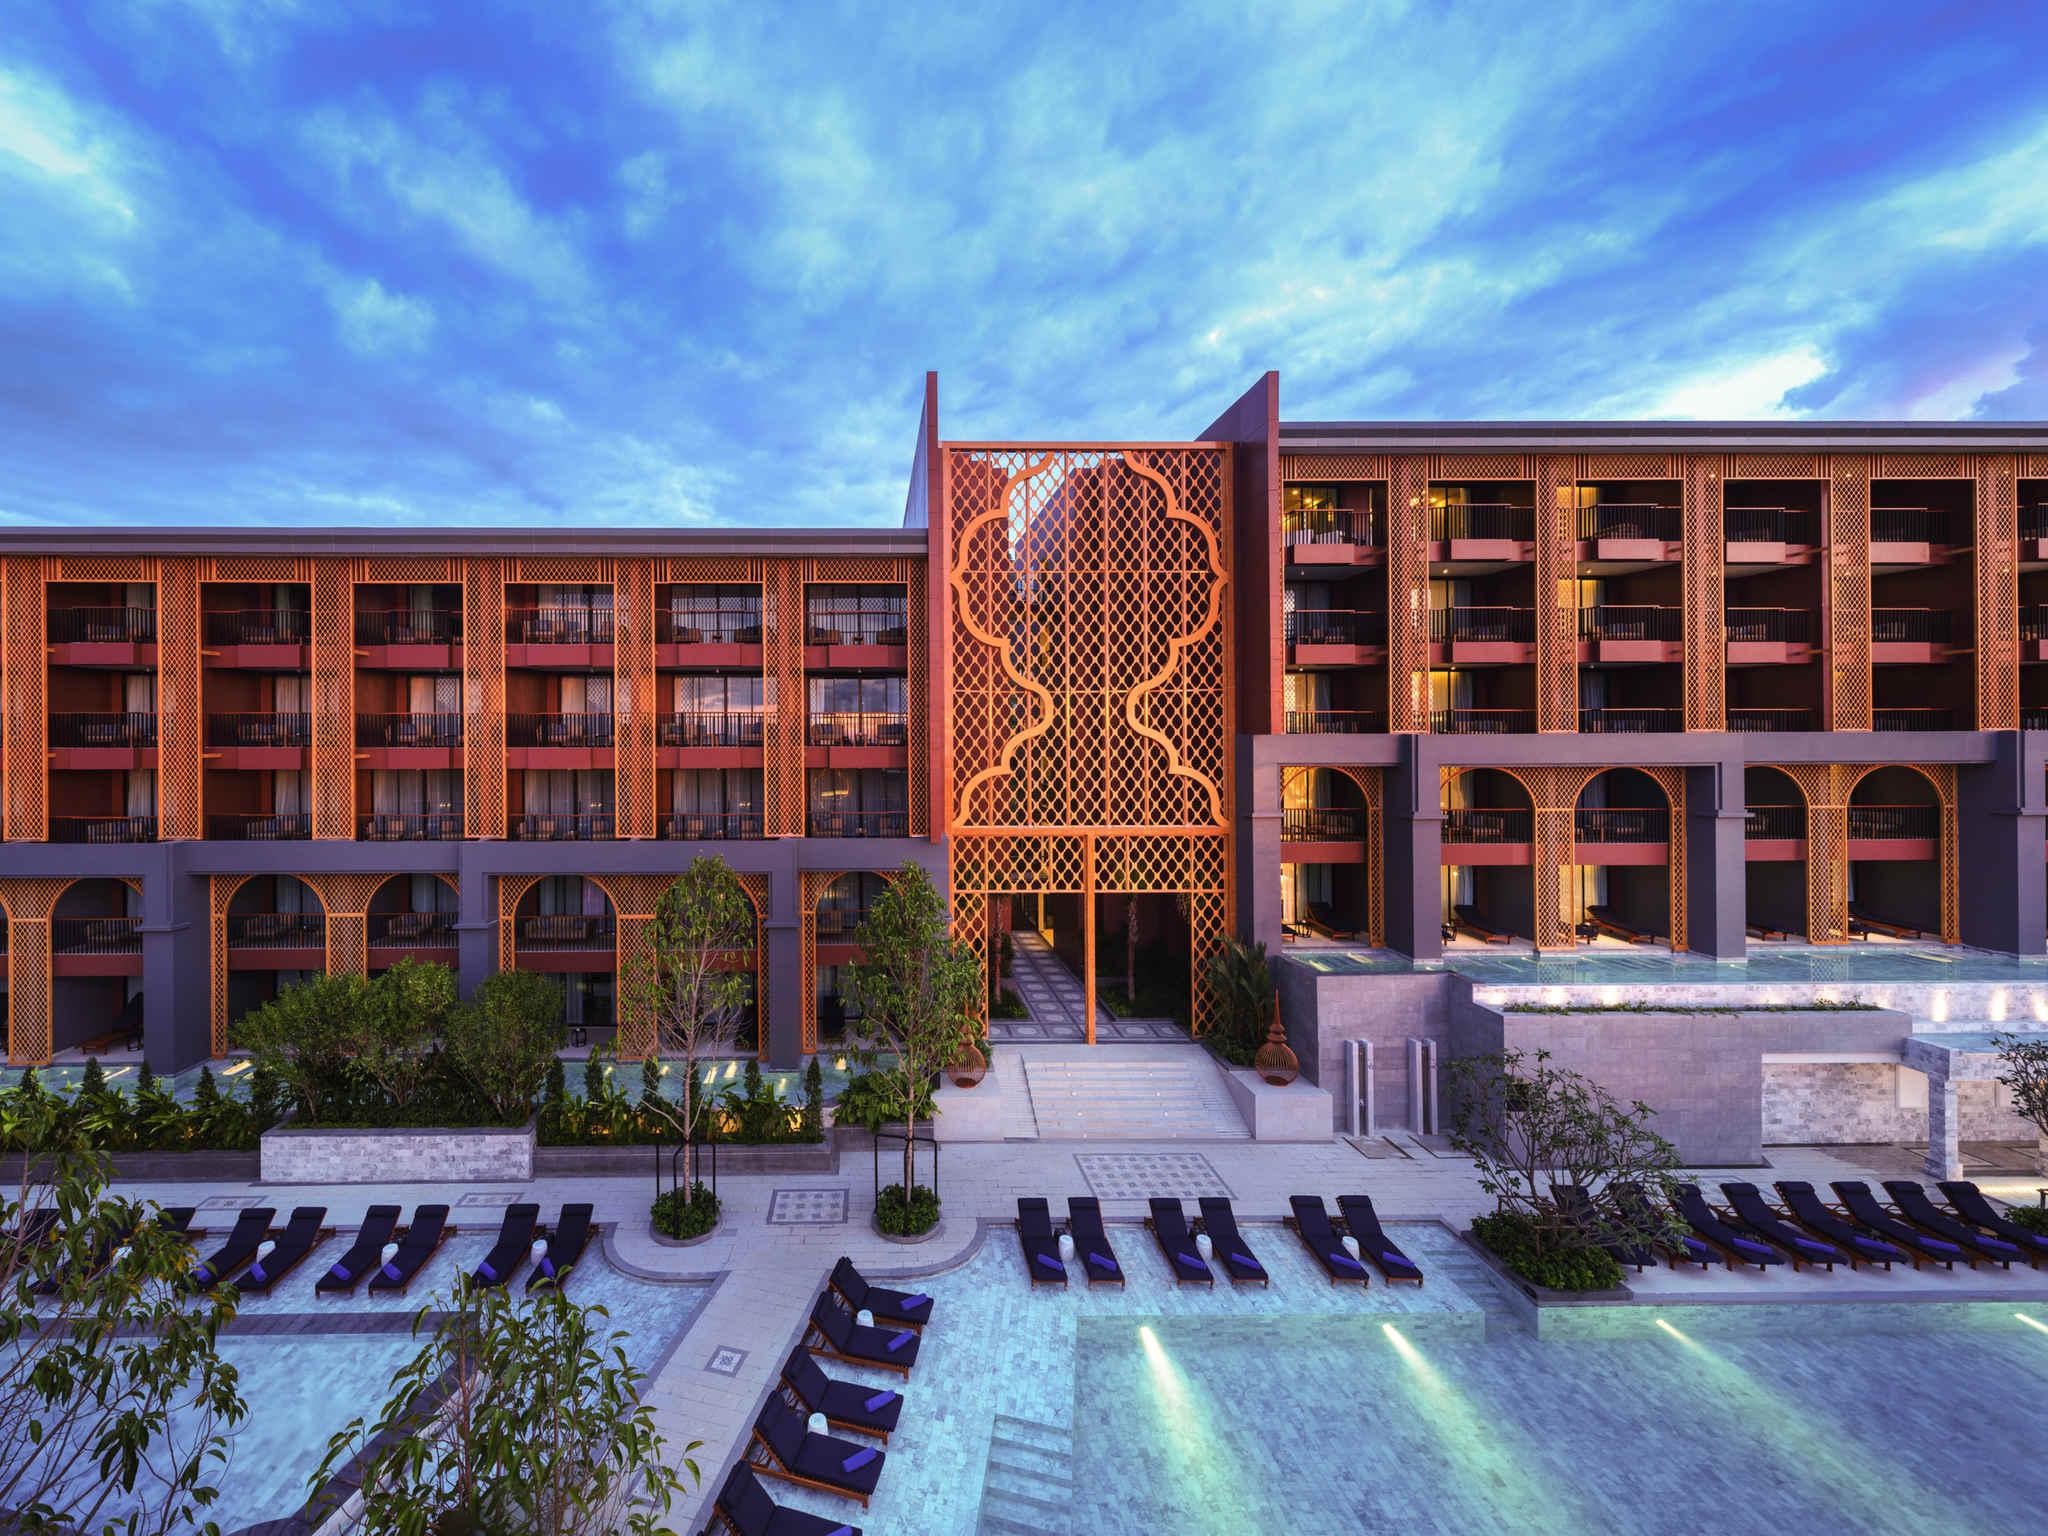 โรงแรม – อวิสต้า แกรนด์ ภูเก็ต กะรน เอ็มแกลเลอรี บาย โซฟิเทล